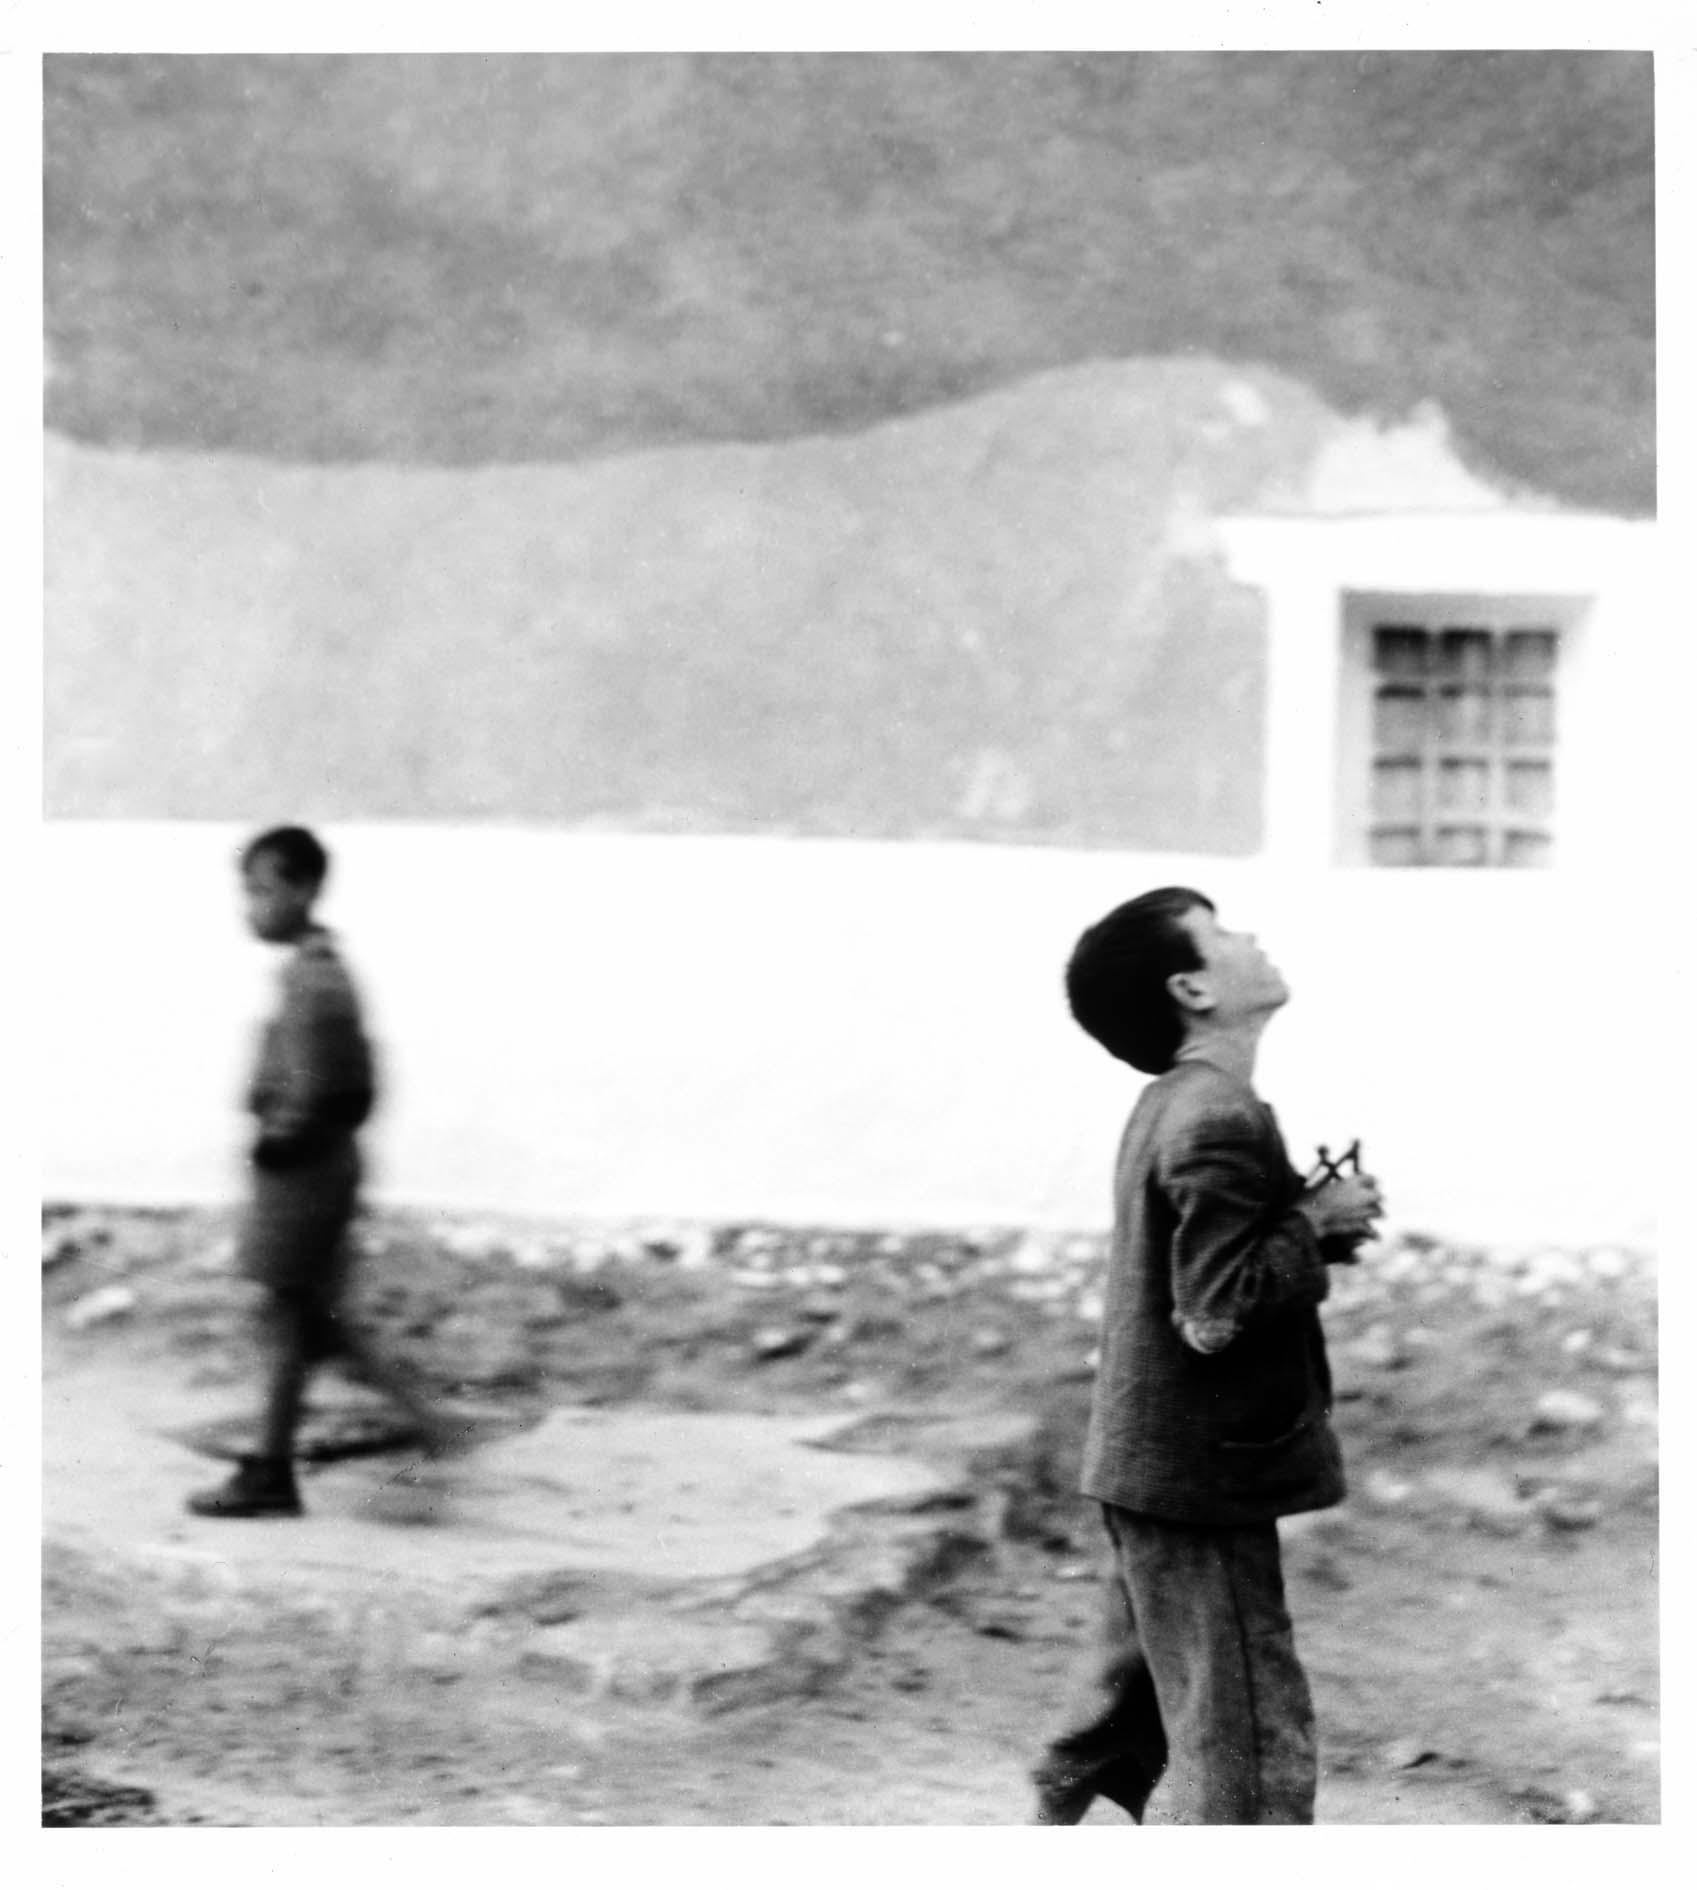 Gabriel Cualladó : Niños movidos, 1960